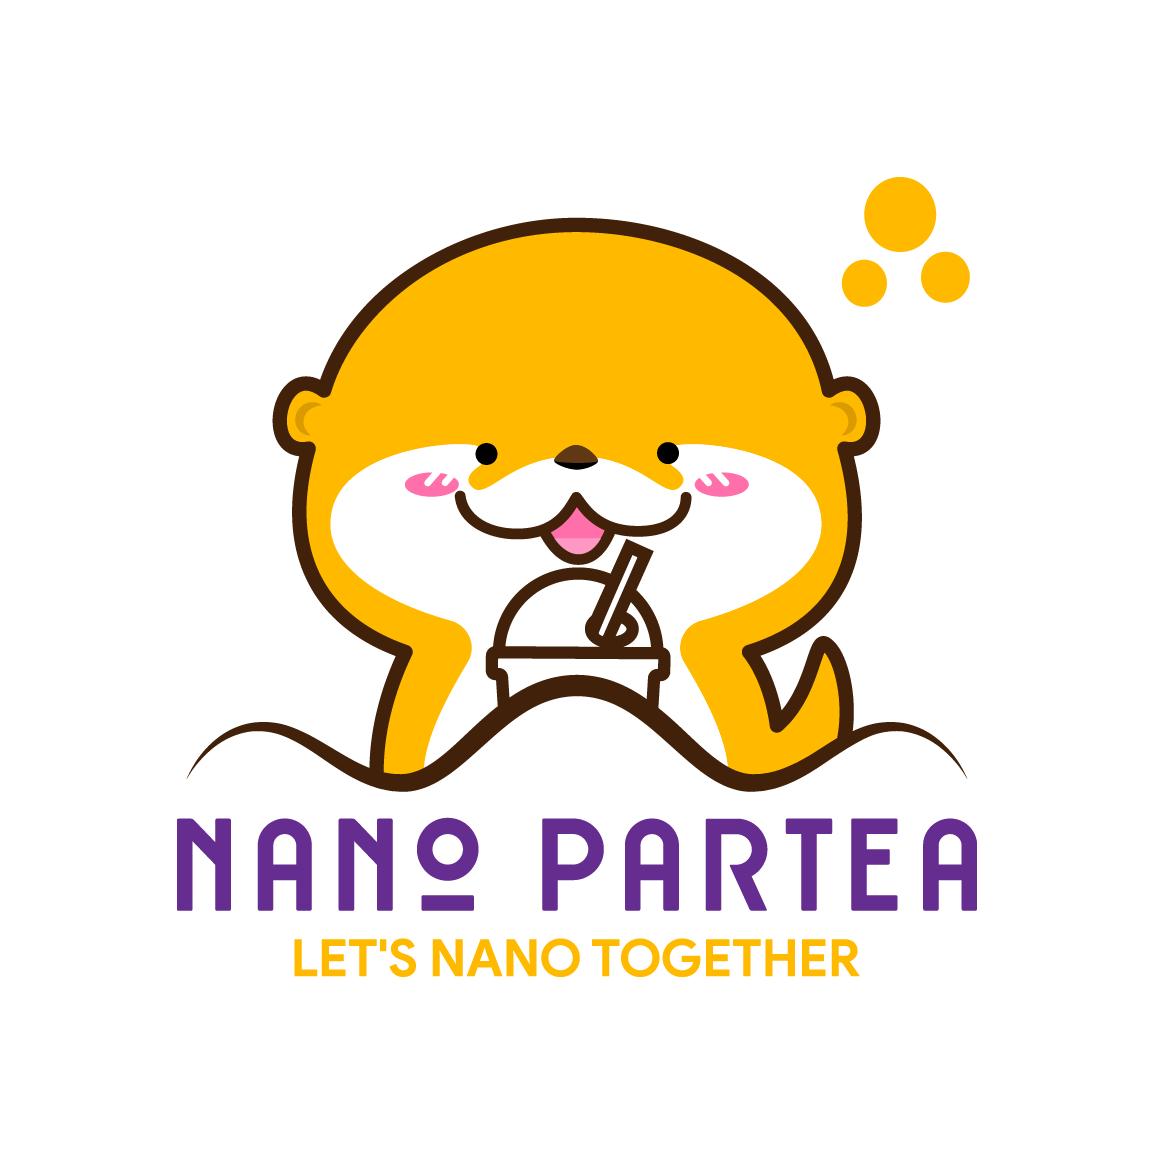 nano partea logo